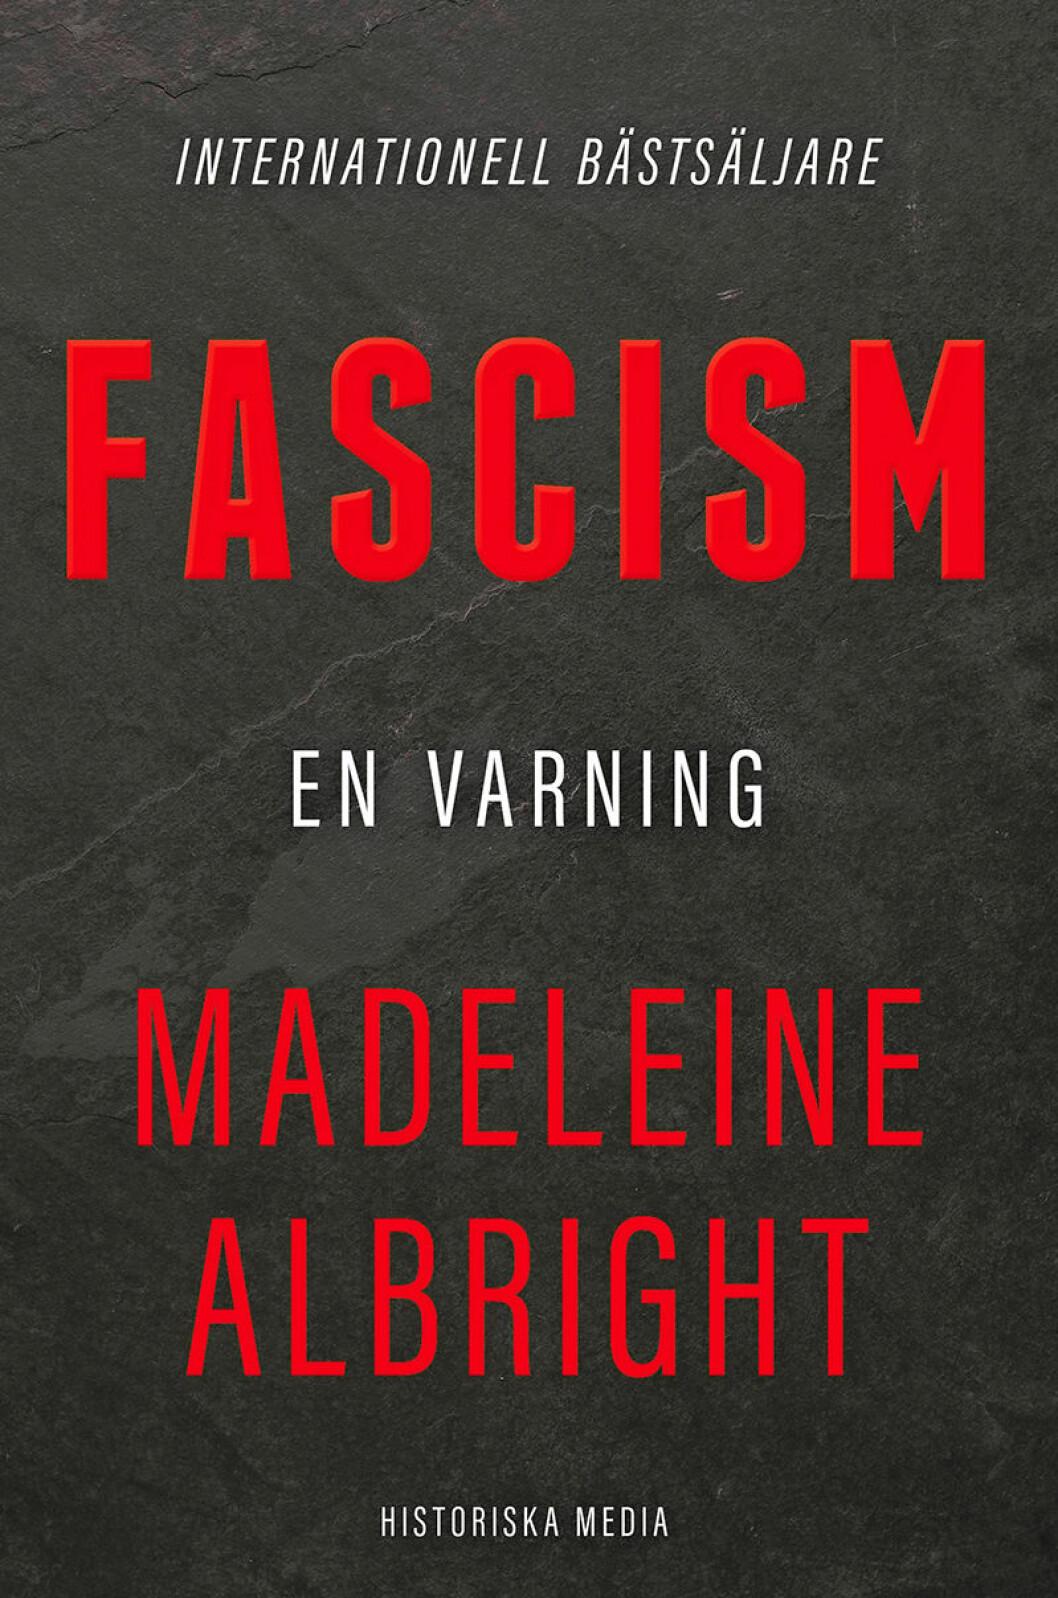 fascism en varning bok